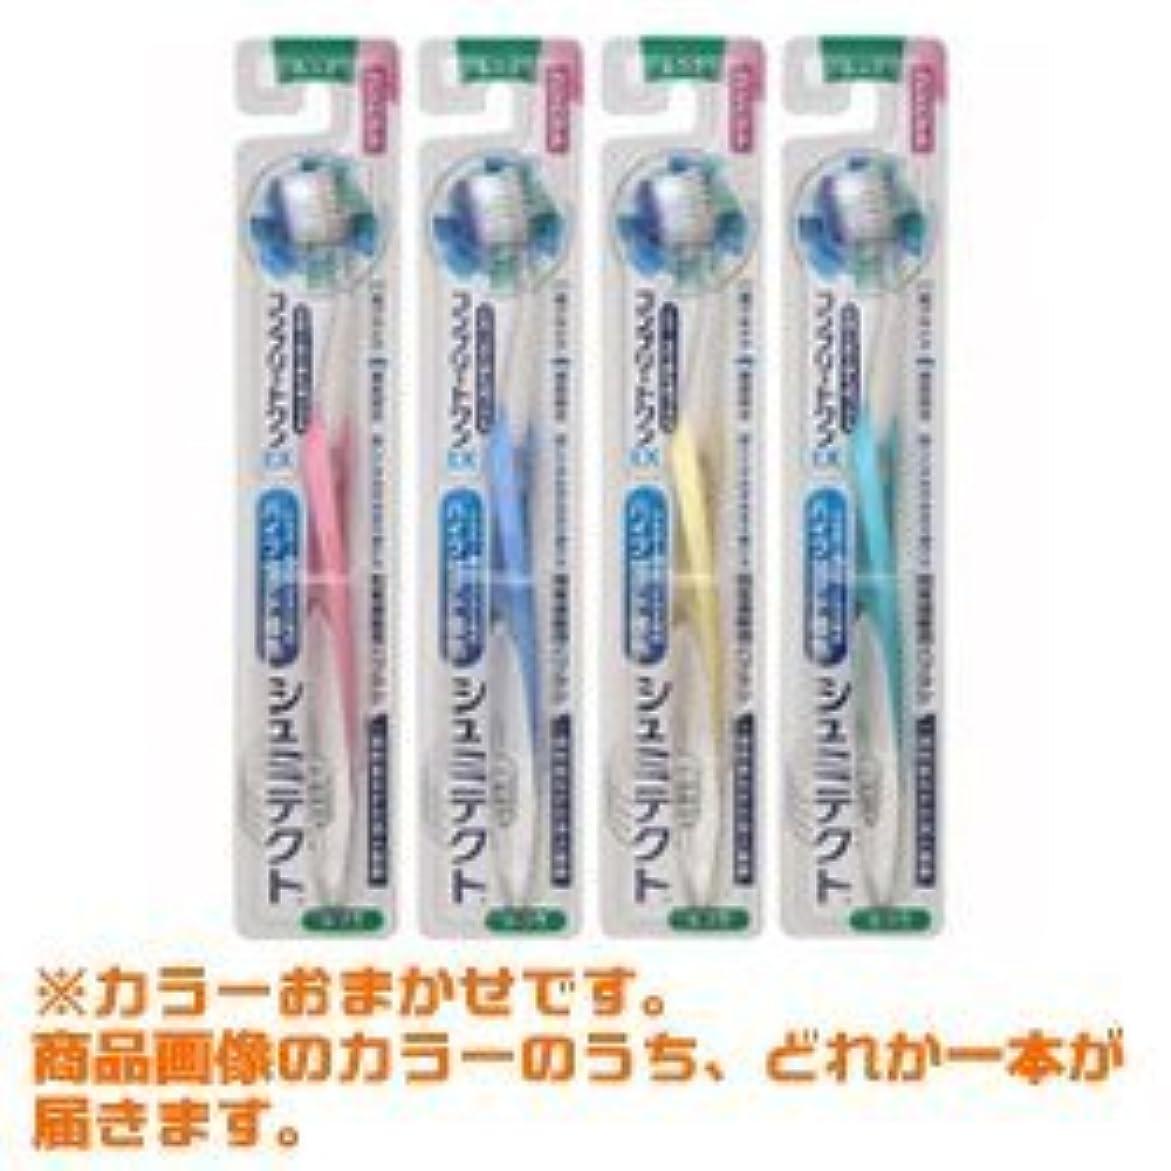 【アース製薬】シュミテクトコンプリートワンEXハブラシコンパクト ふつう 1本 (カラーおまかせ) ×10個セット